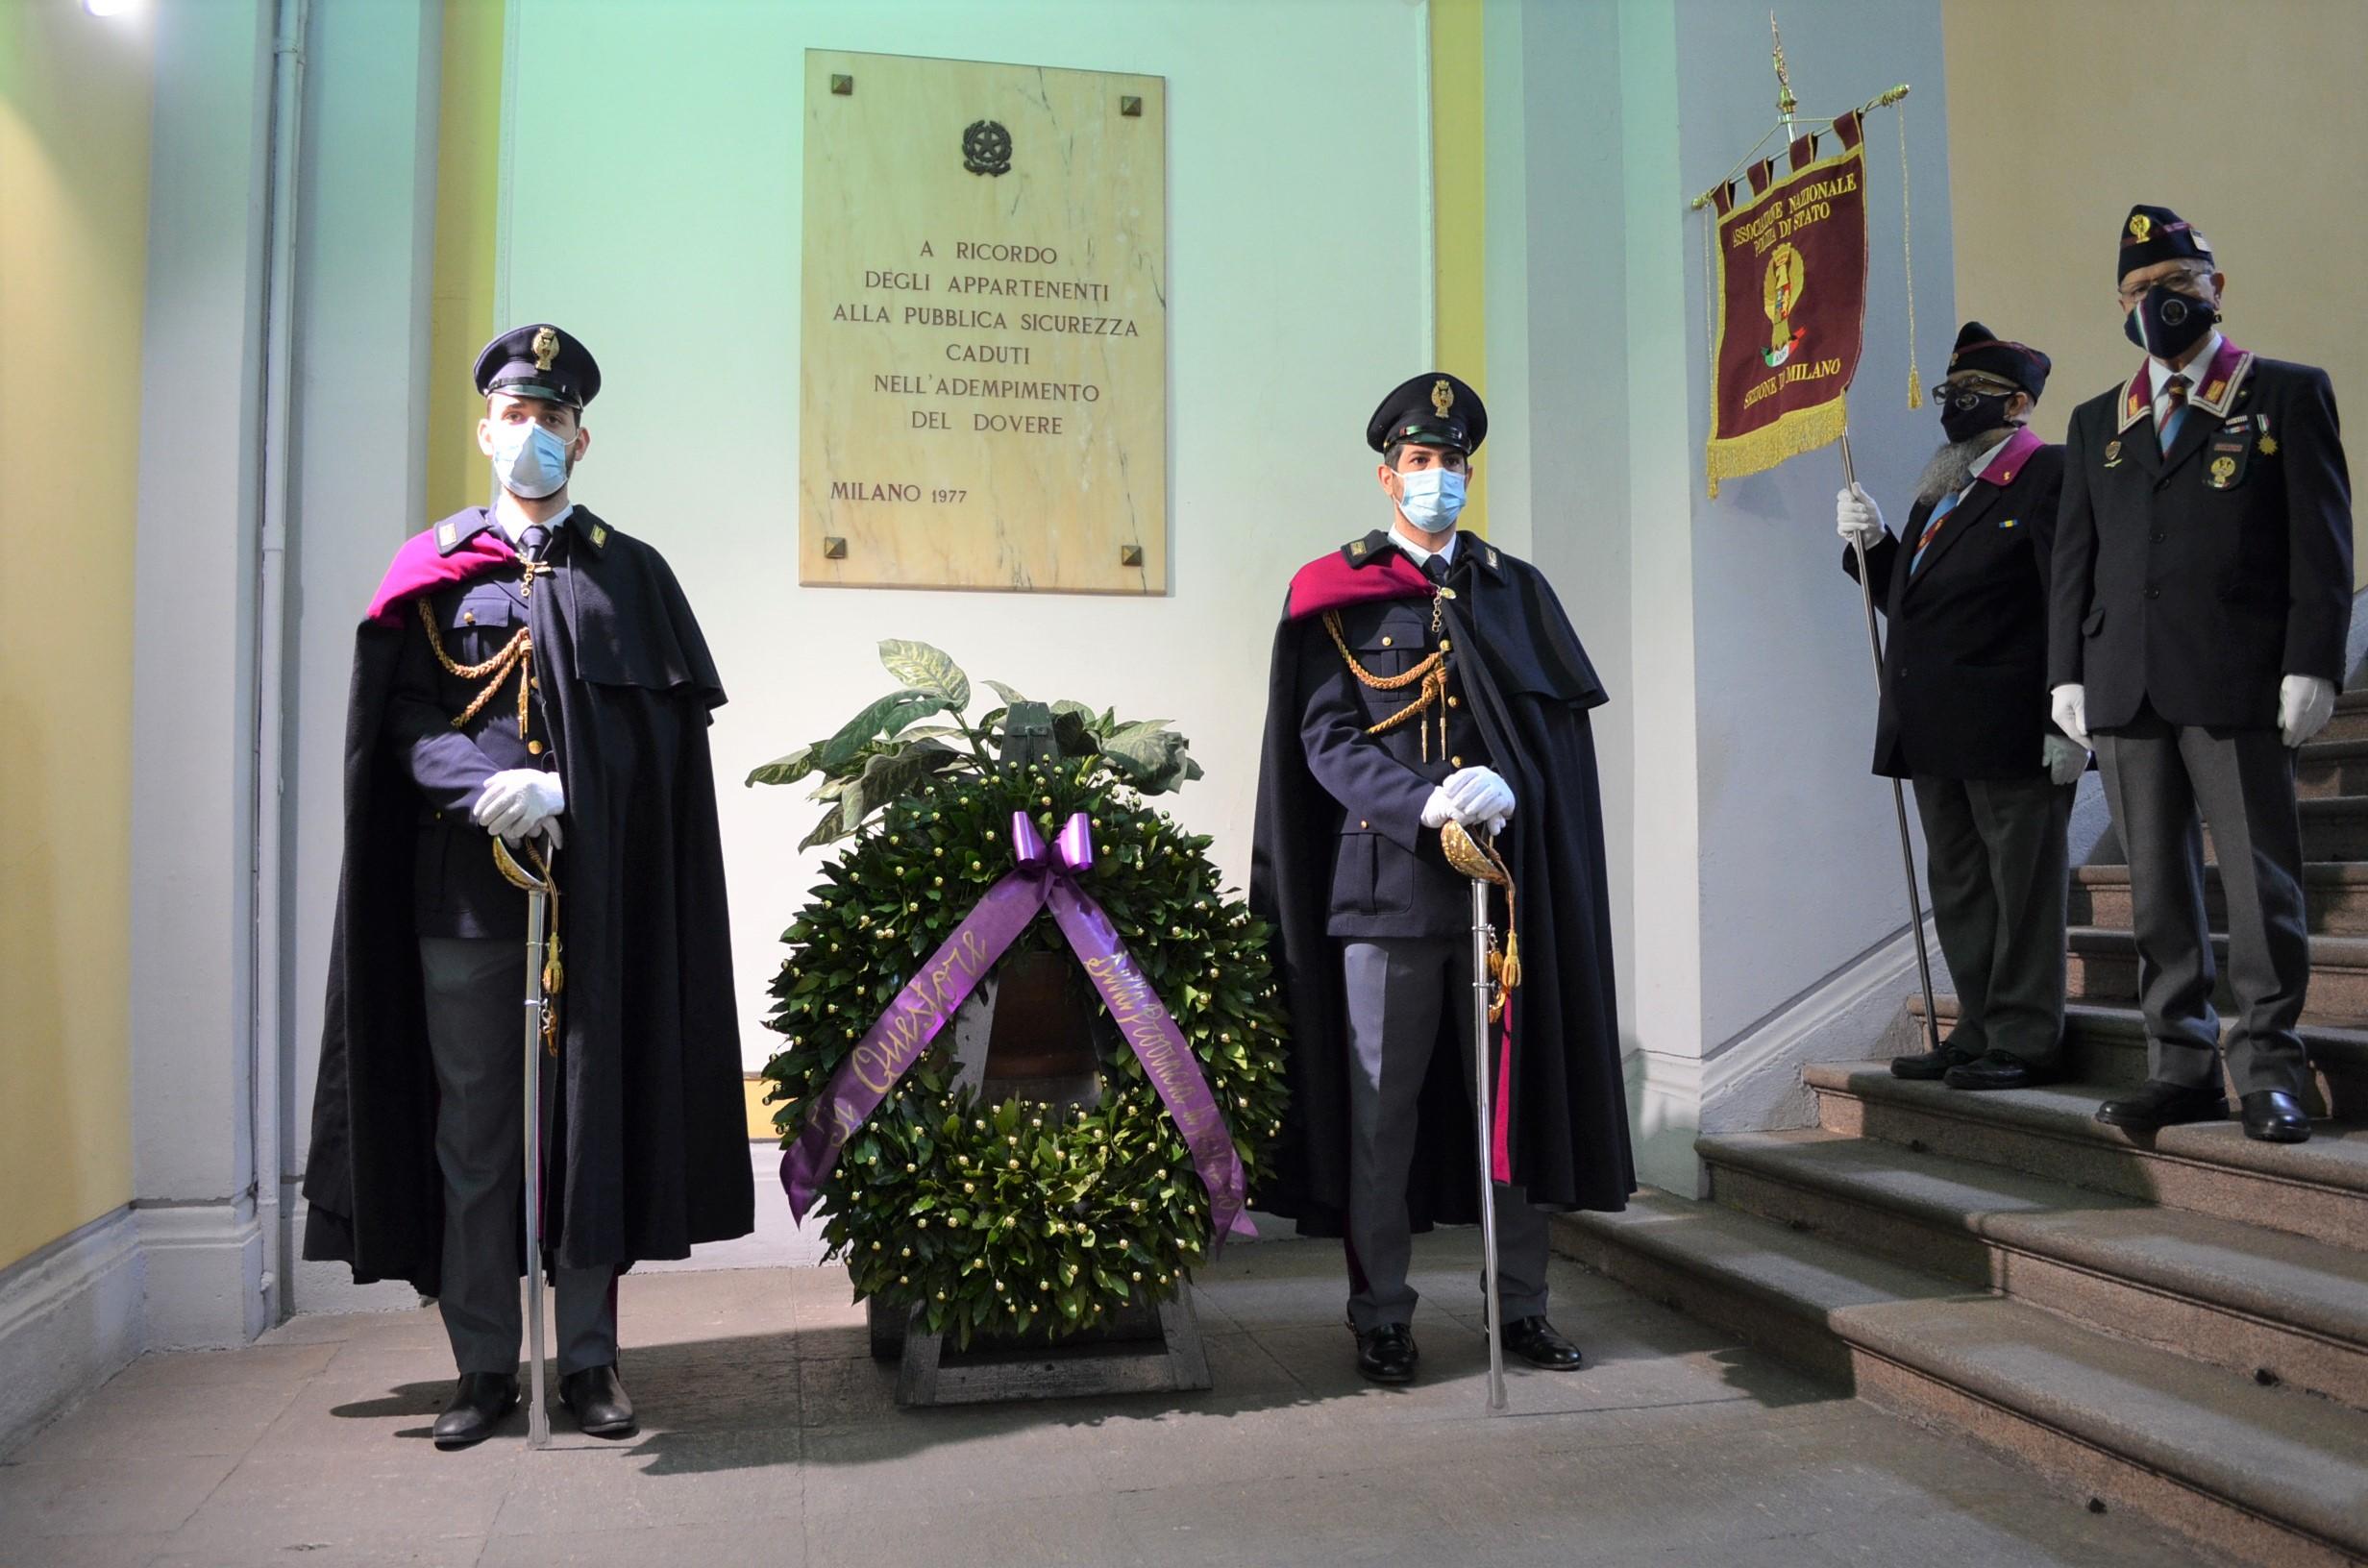 Polizia Di Stato Questure Sul Web Milano